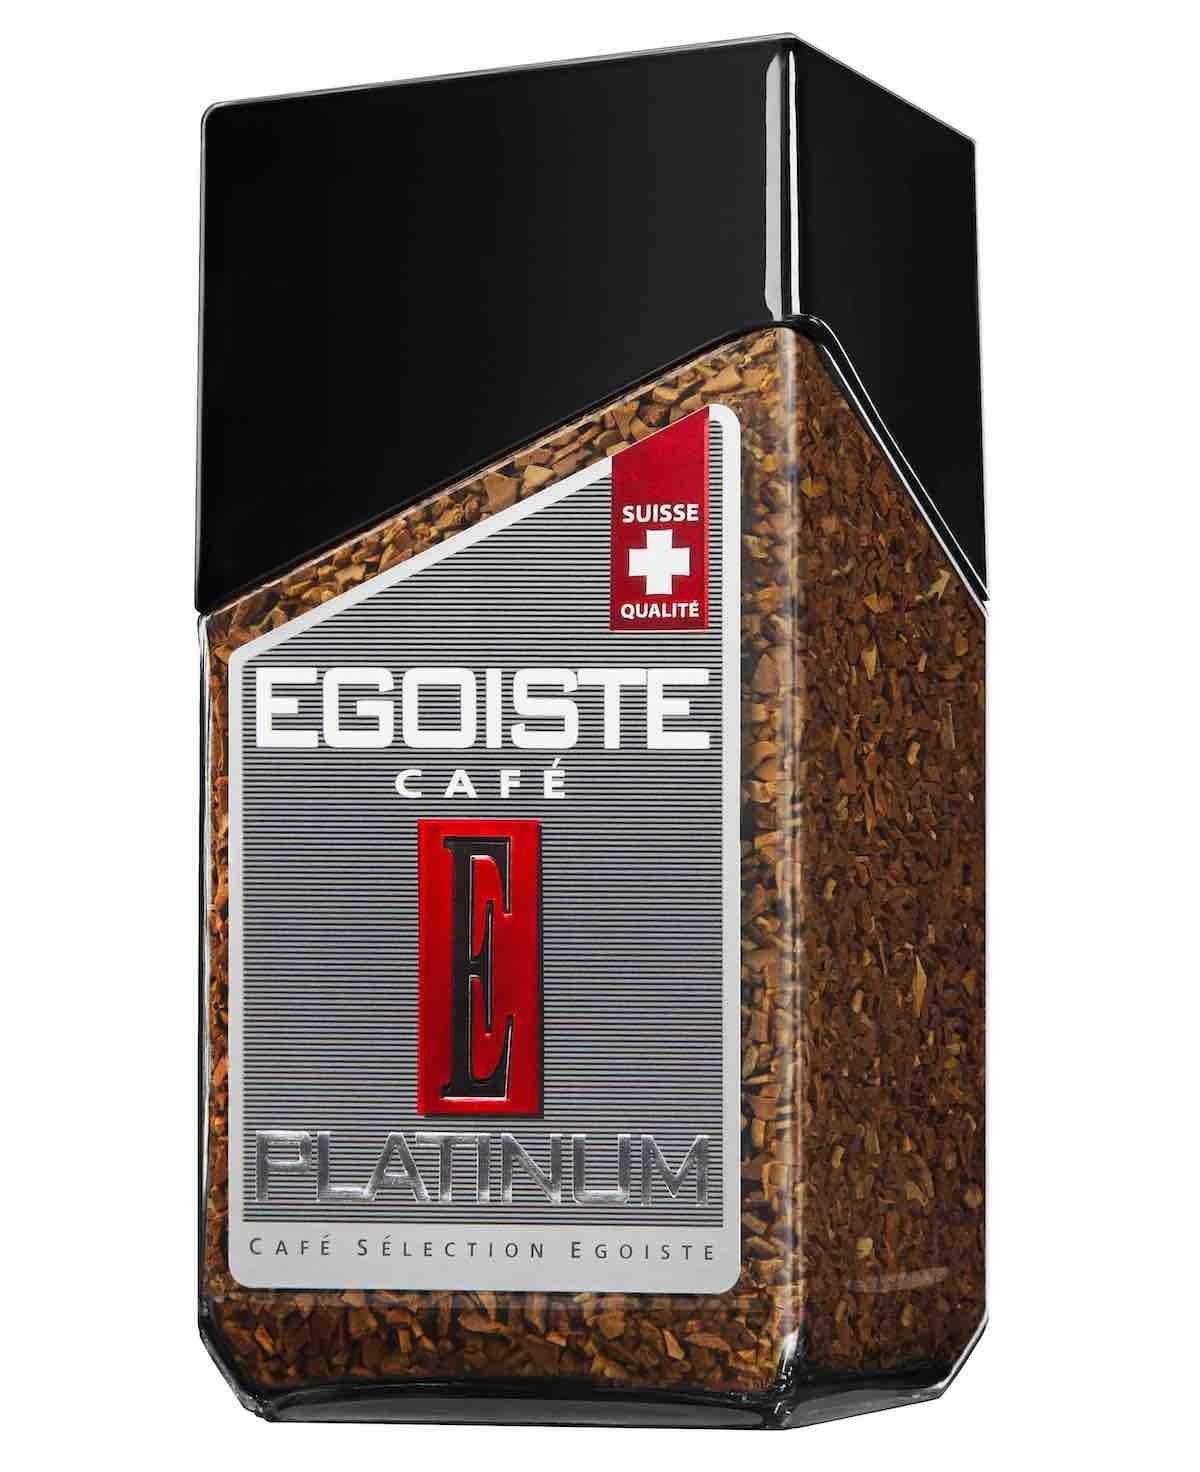 Растворимый кофе Кофе растворимый Platinum, Egoiste, 100 г import_files_0a_0a6e3d50cb2511eaa9ce484d7ecee297_2f451856cdab11eaa9ce484d7ecee297.jpg